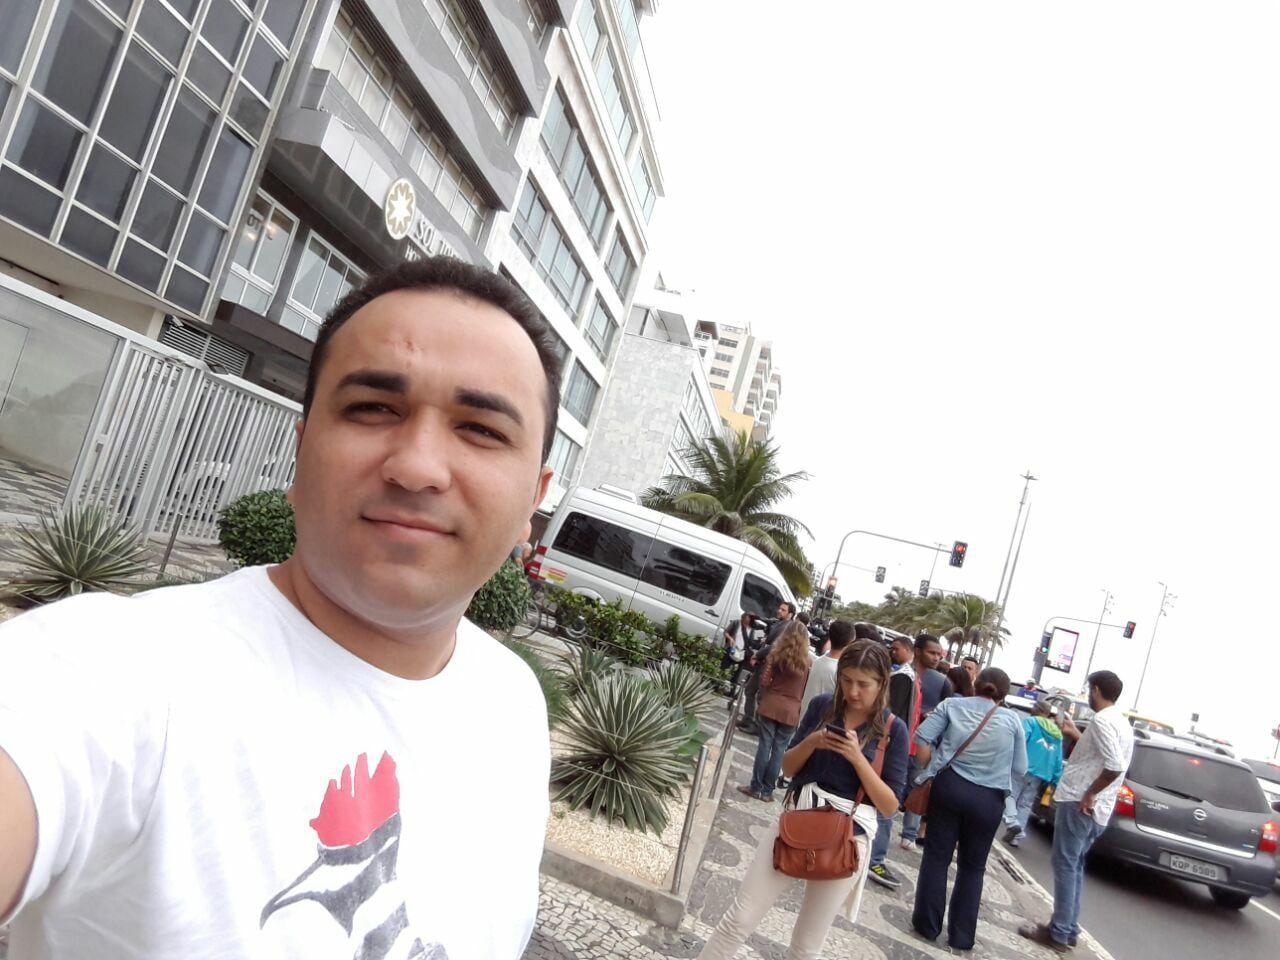 18491547 1792612144294611 1008524454538658043 o - Blogueiro Gildásio Brito acompanha ao vivo devassa da PF no apartamento de Aécio Neves no Rio - minuto barra